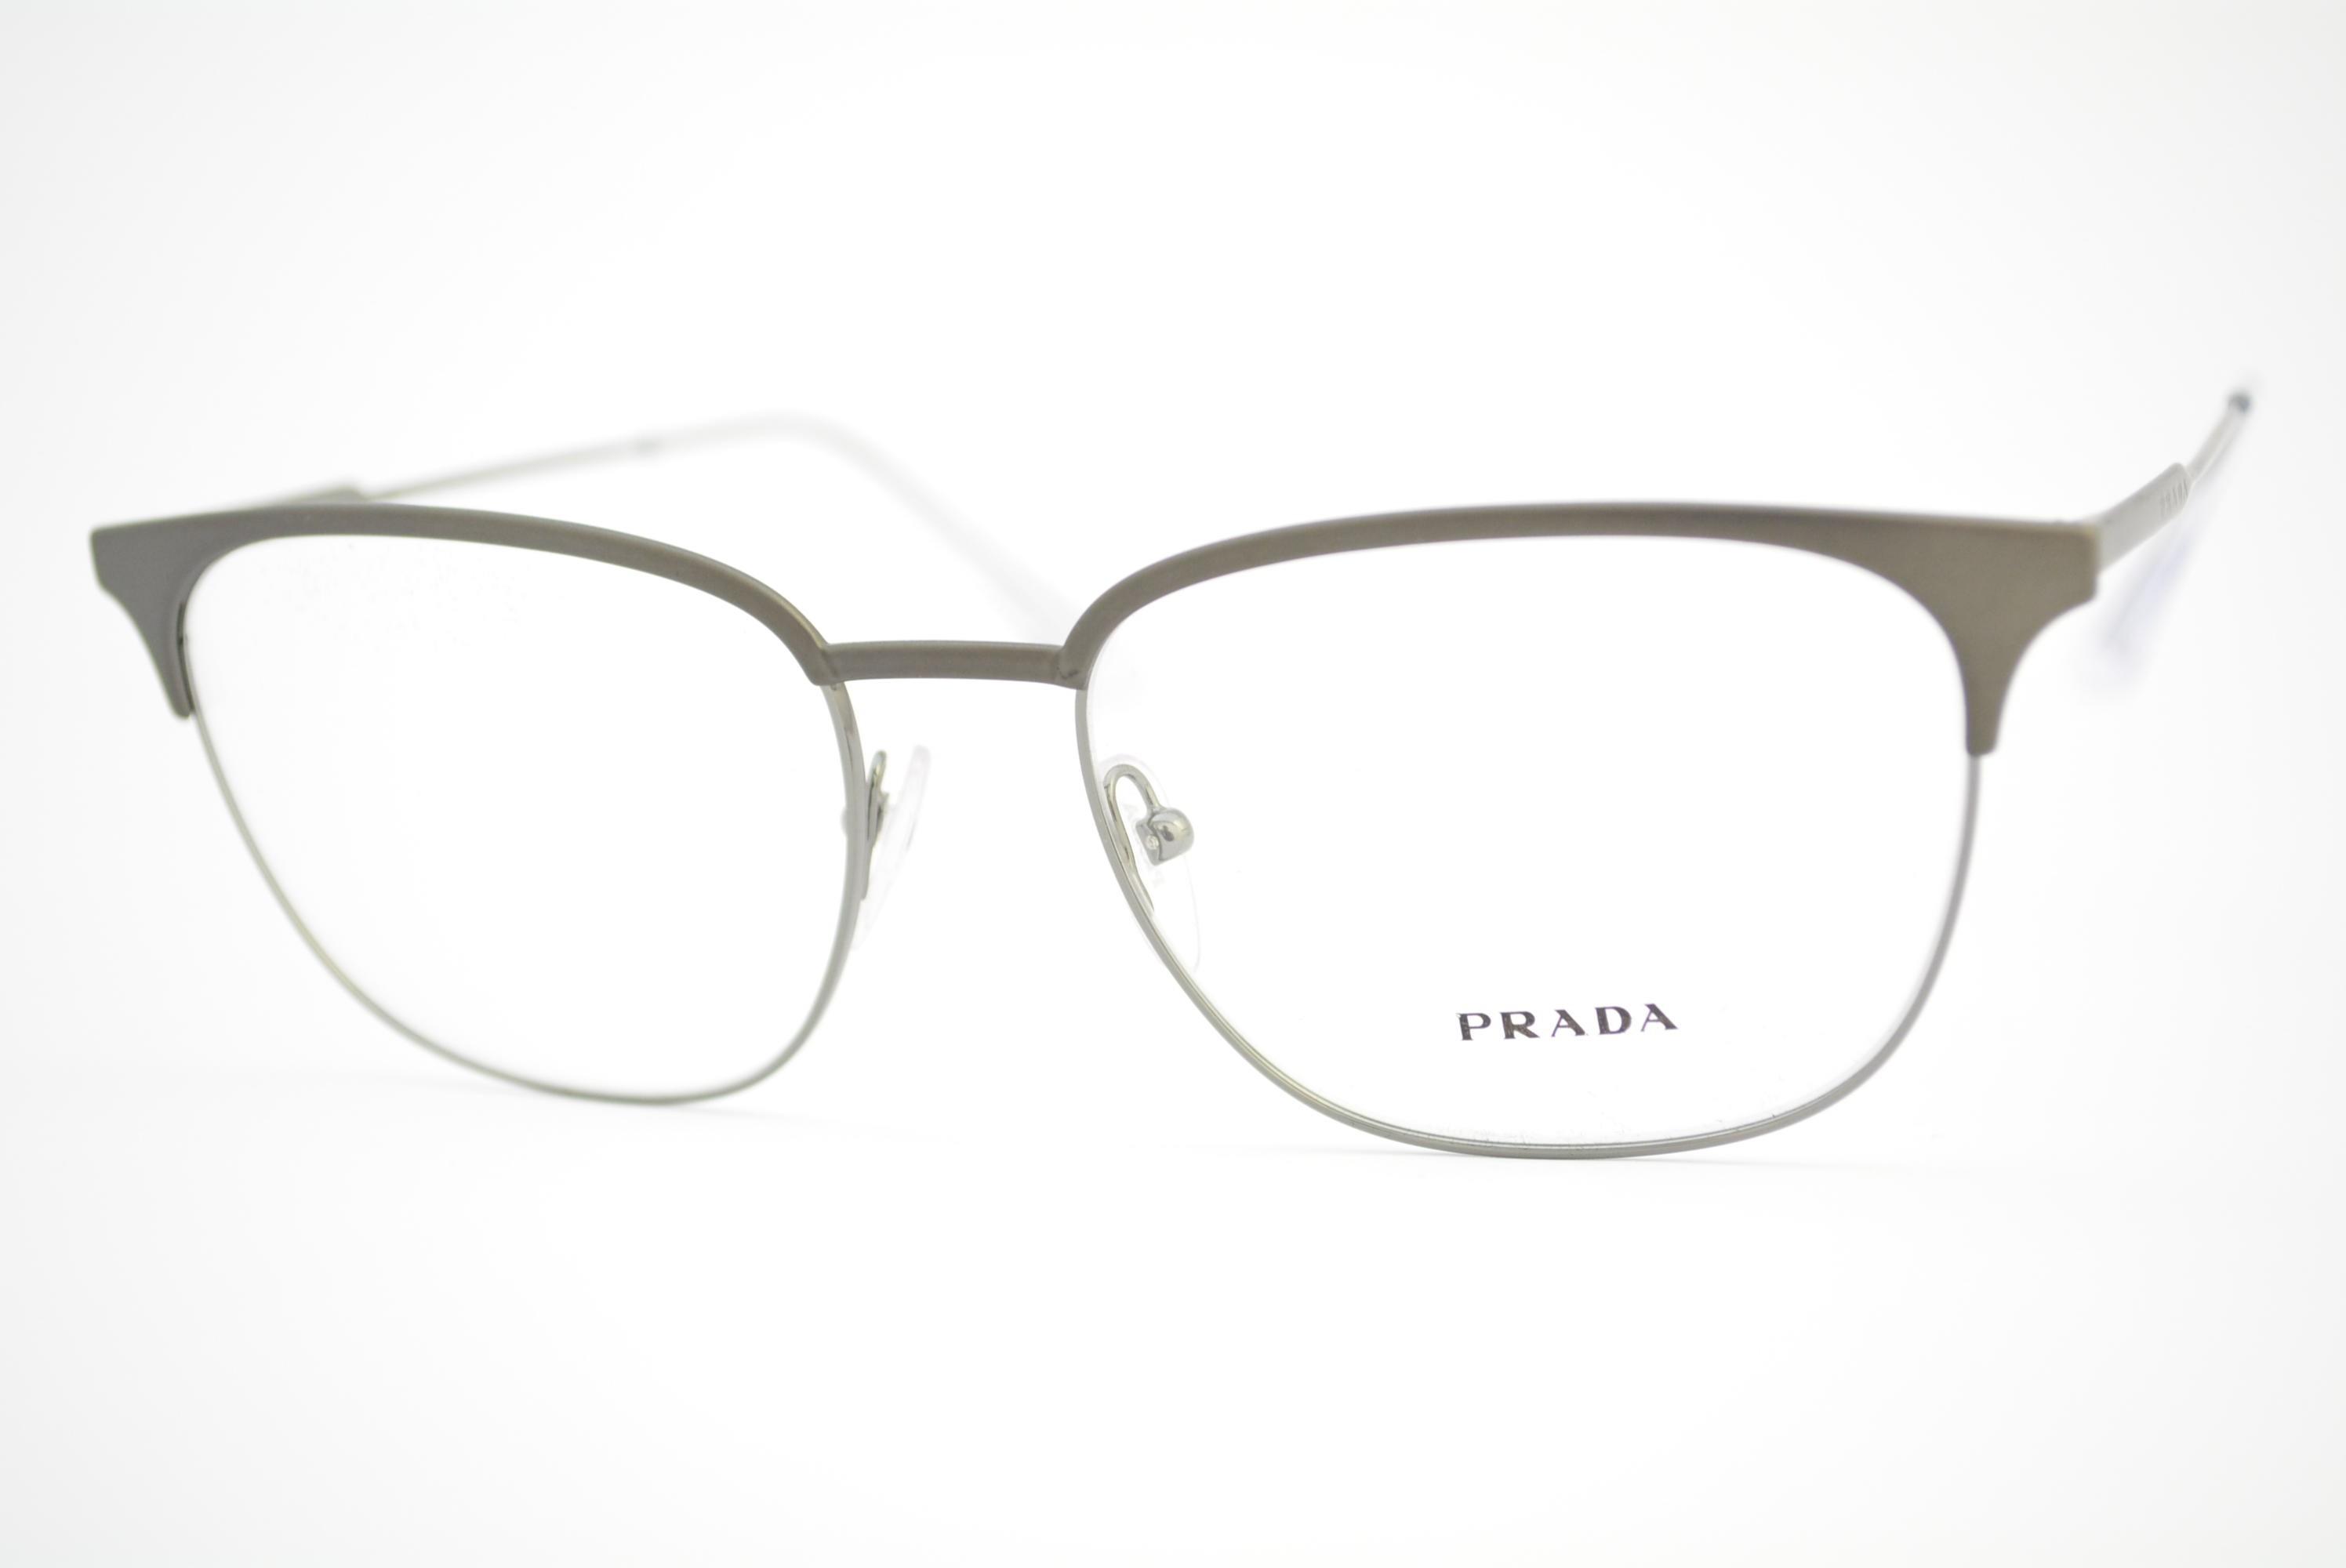 36f3f04764980 armação de óculos Prada mod vpr59U TY3-1O1 Ótica Cardoso